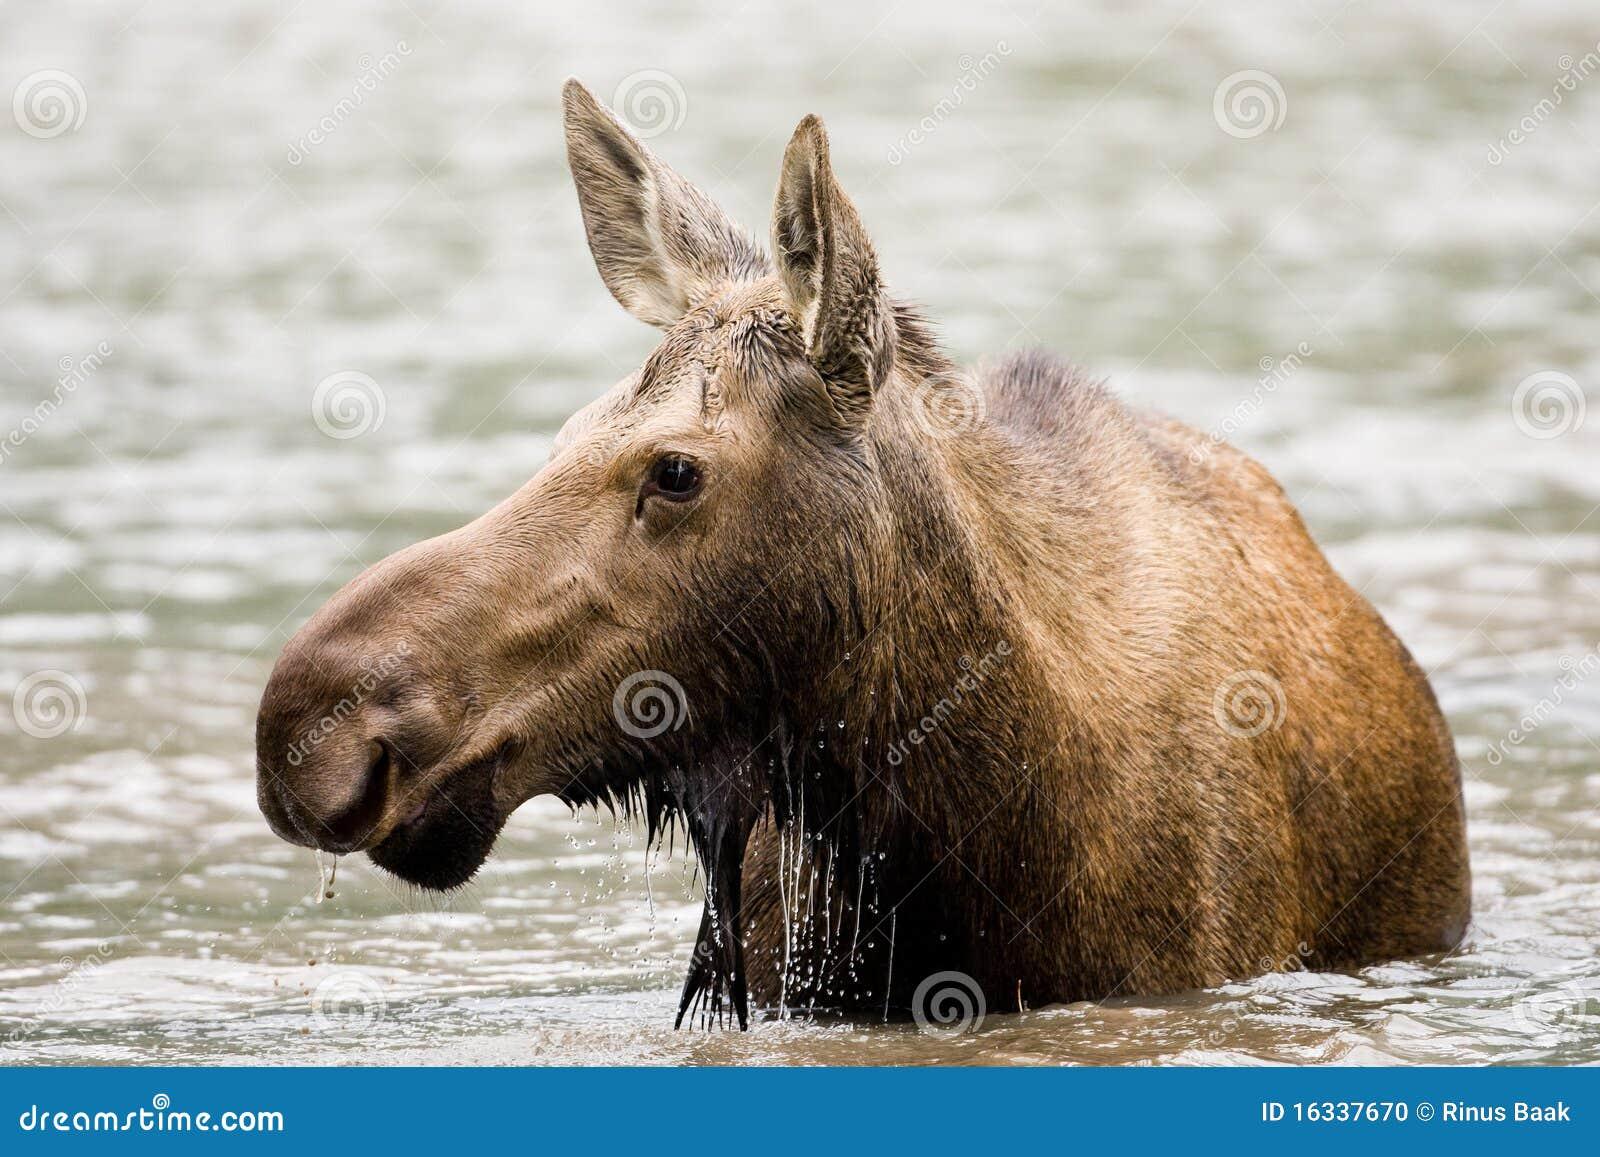 Female Moose Stock Photo Image 16337670